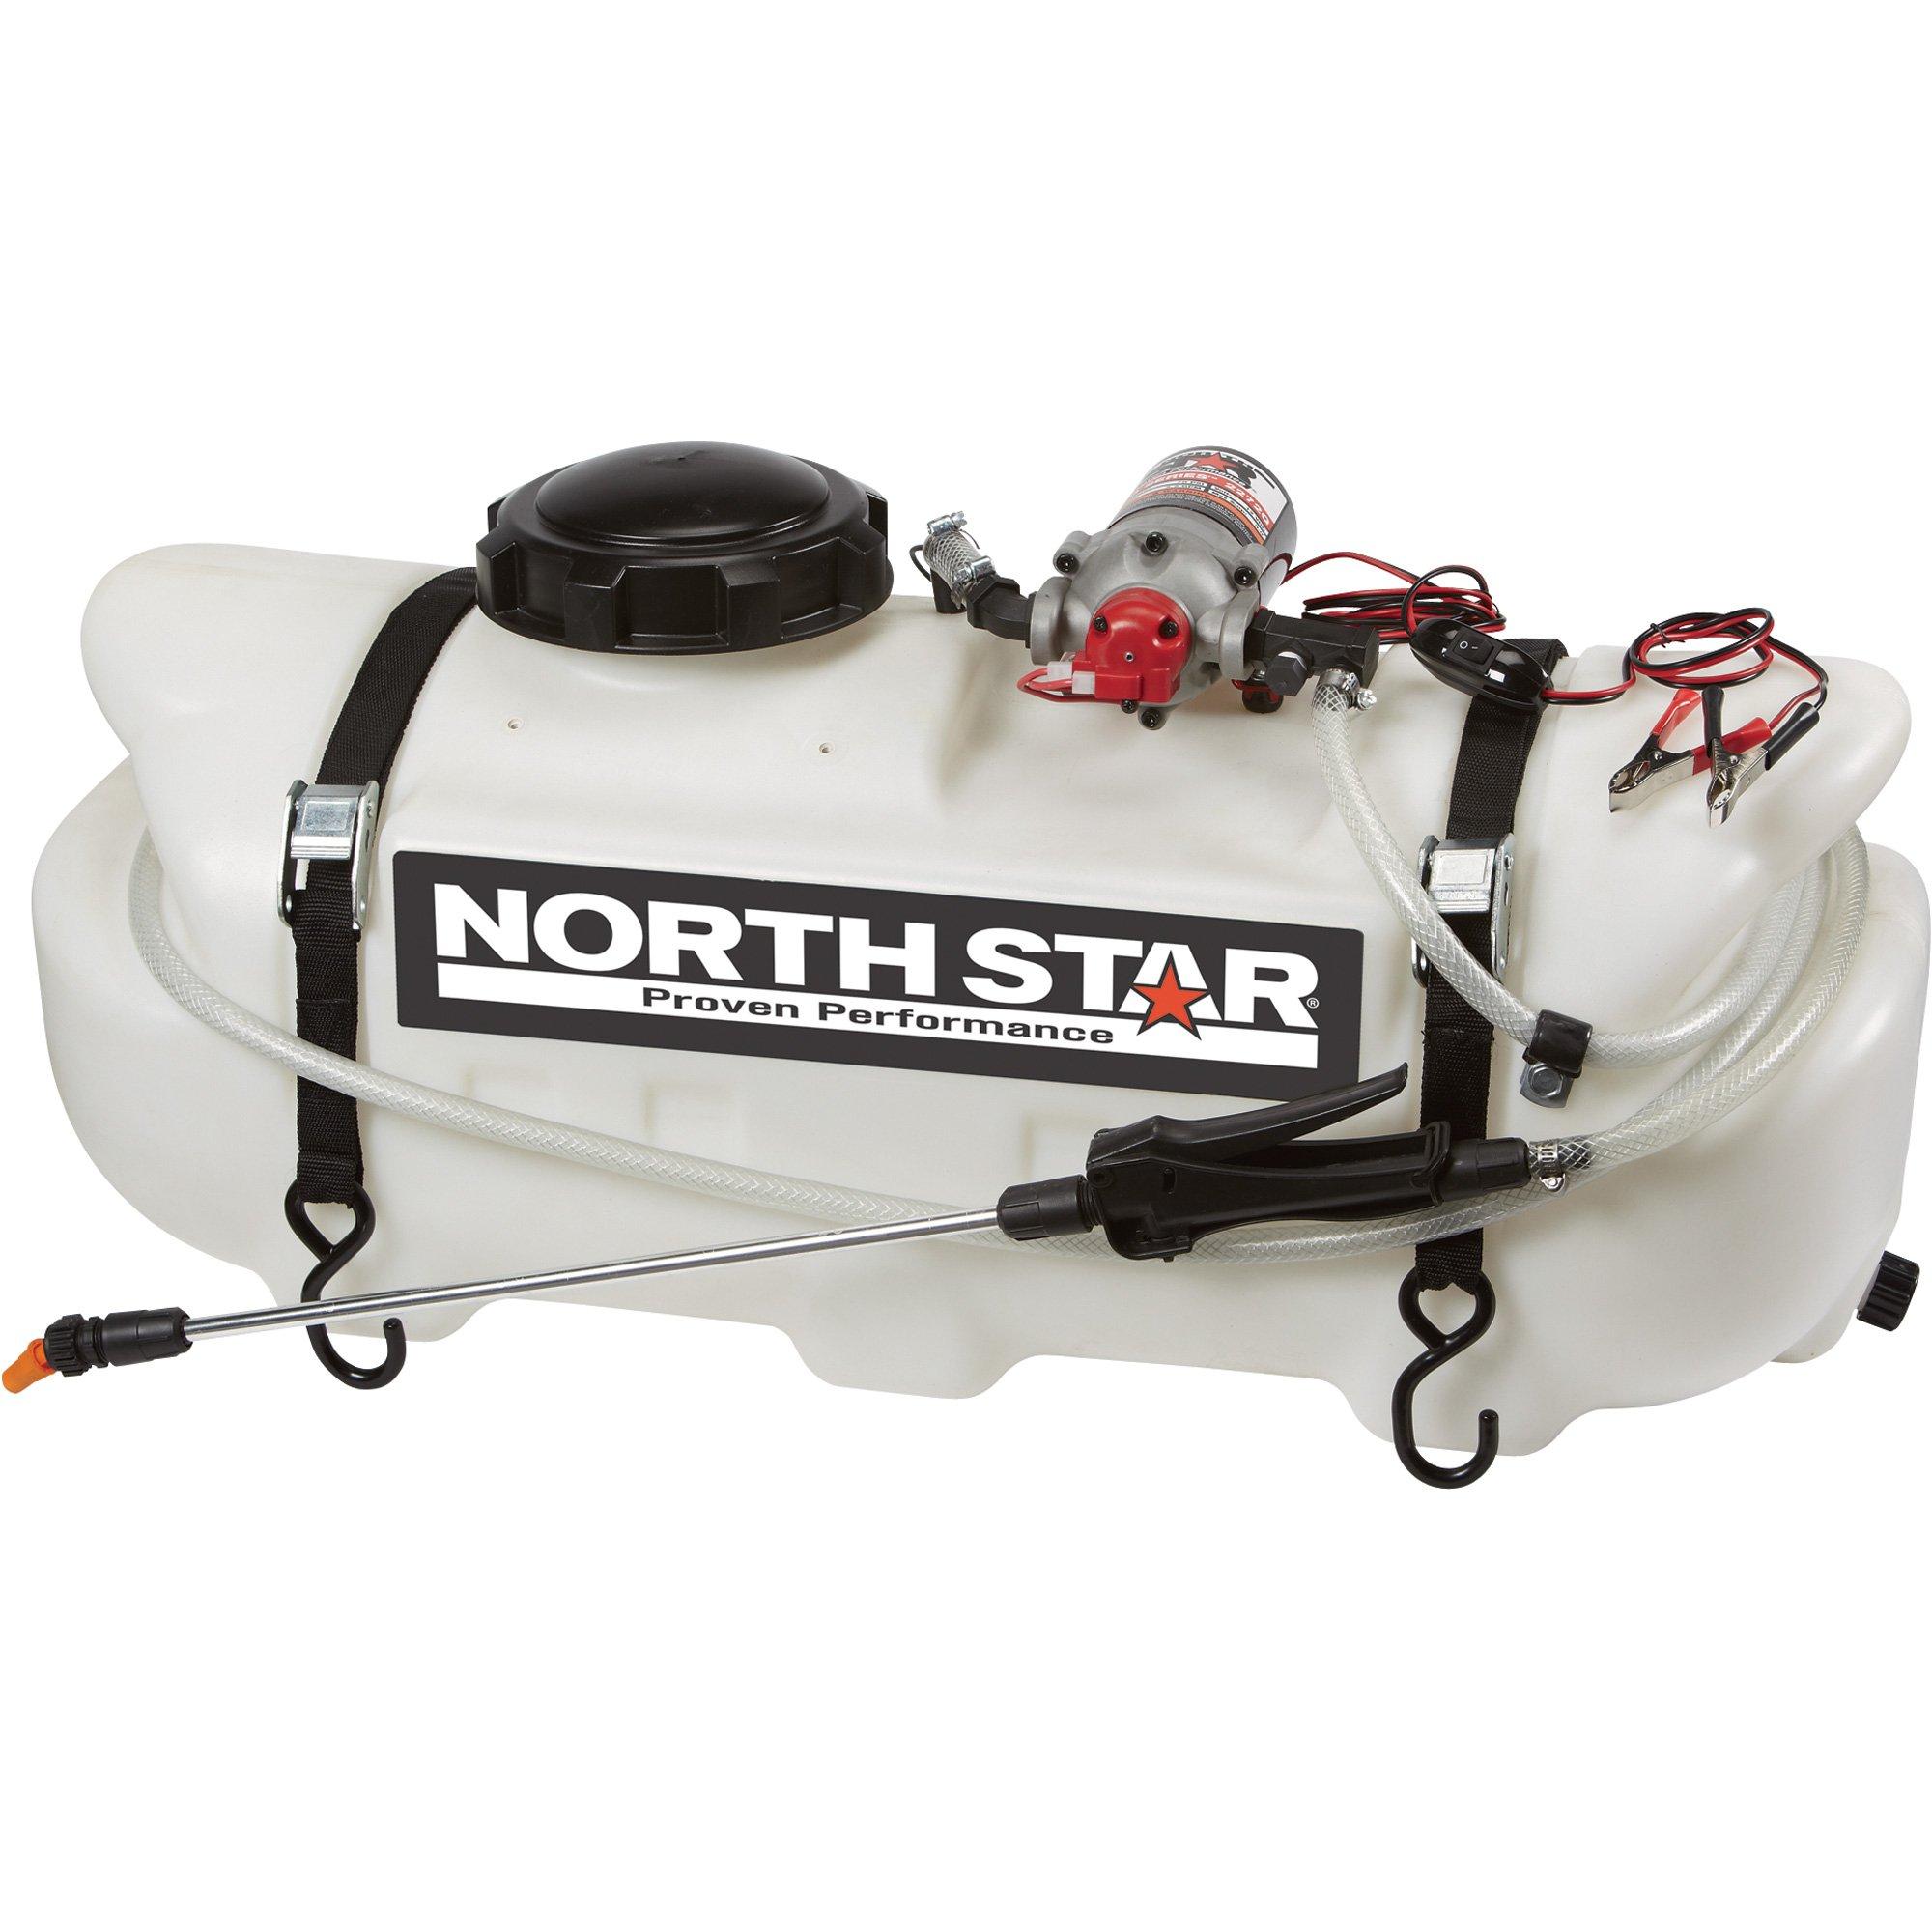 NorthStar ATV Spot Sprayer - 16 Gallon, 2.2 GPM, 12 Volt